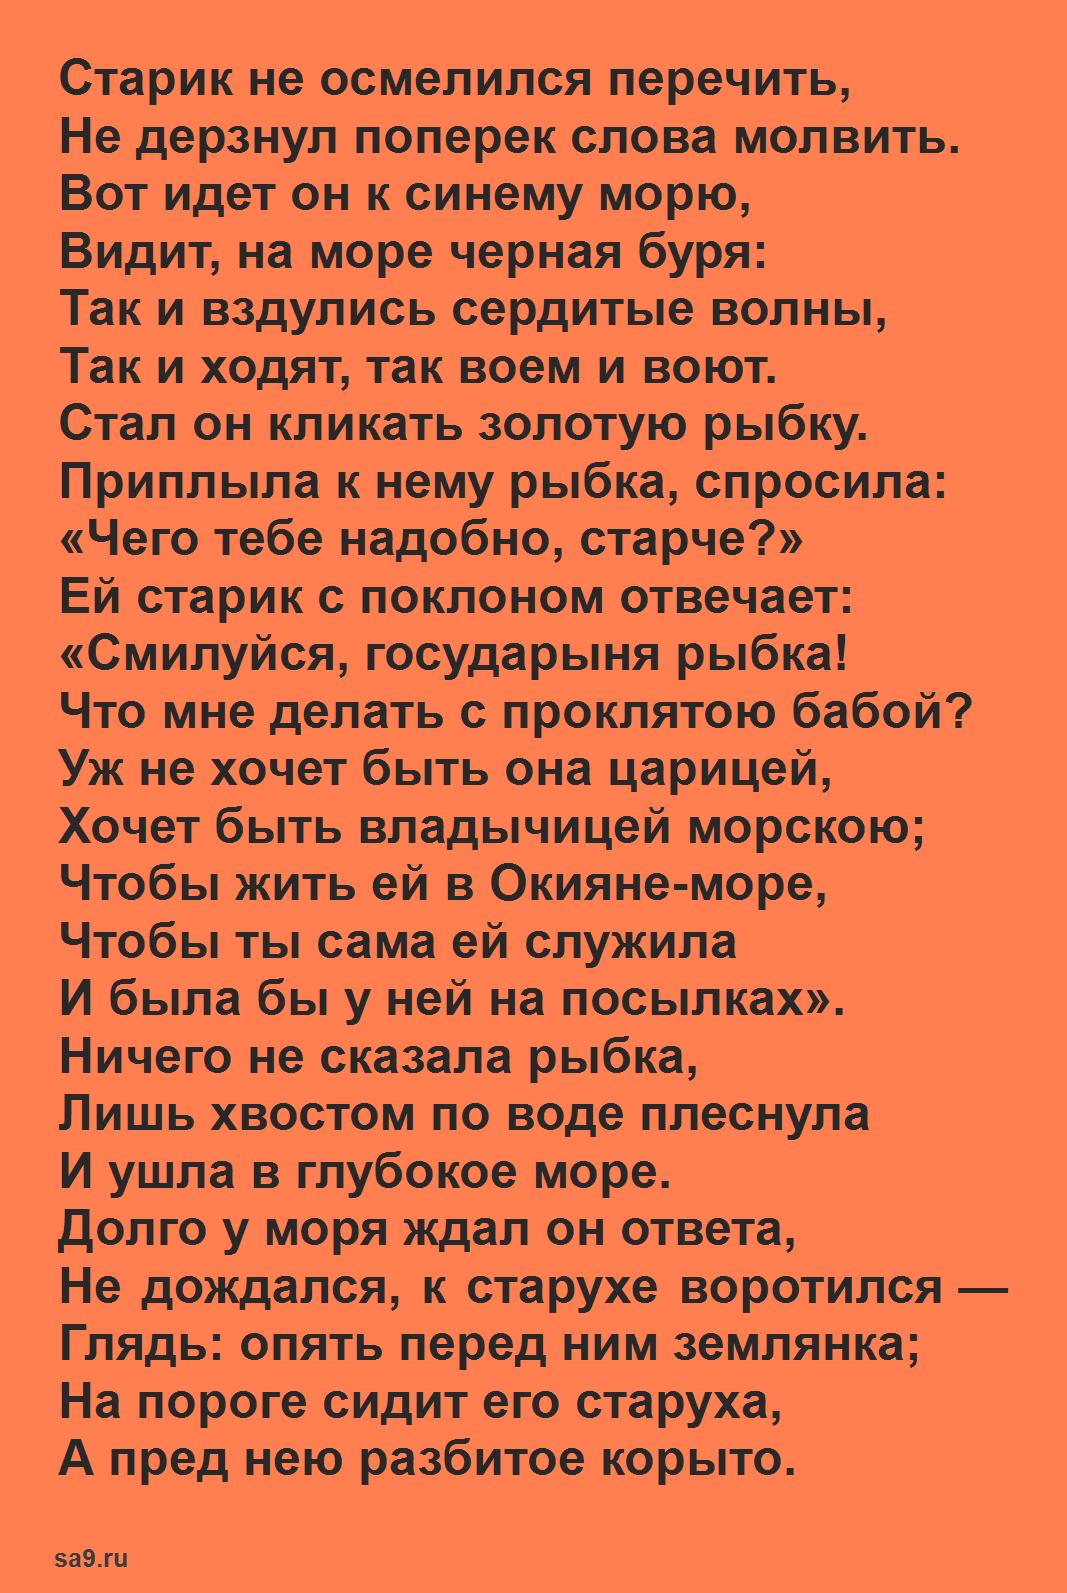 Сказка Пушкина 'О рыбаке и рыбке'